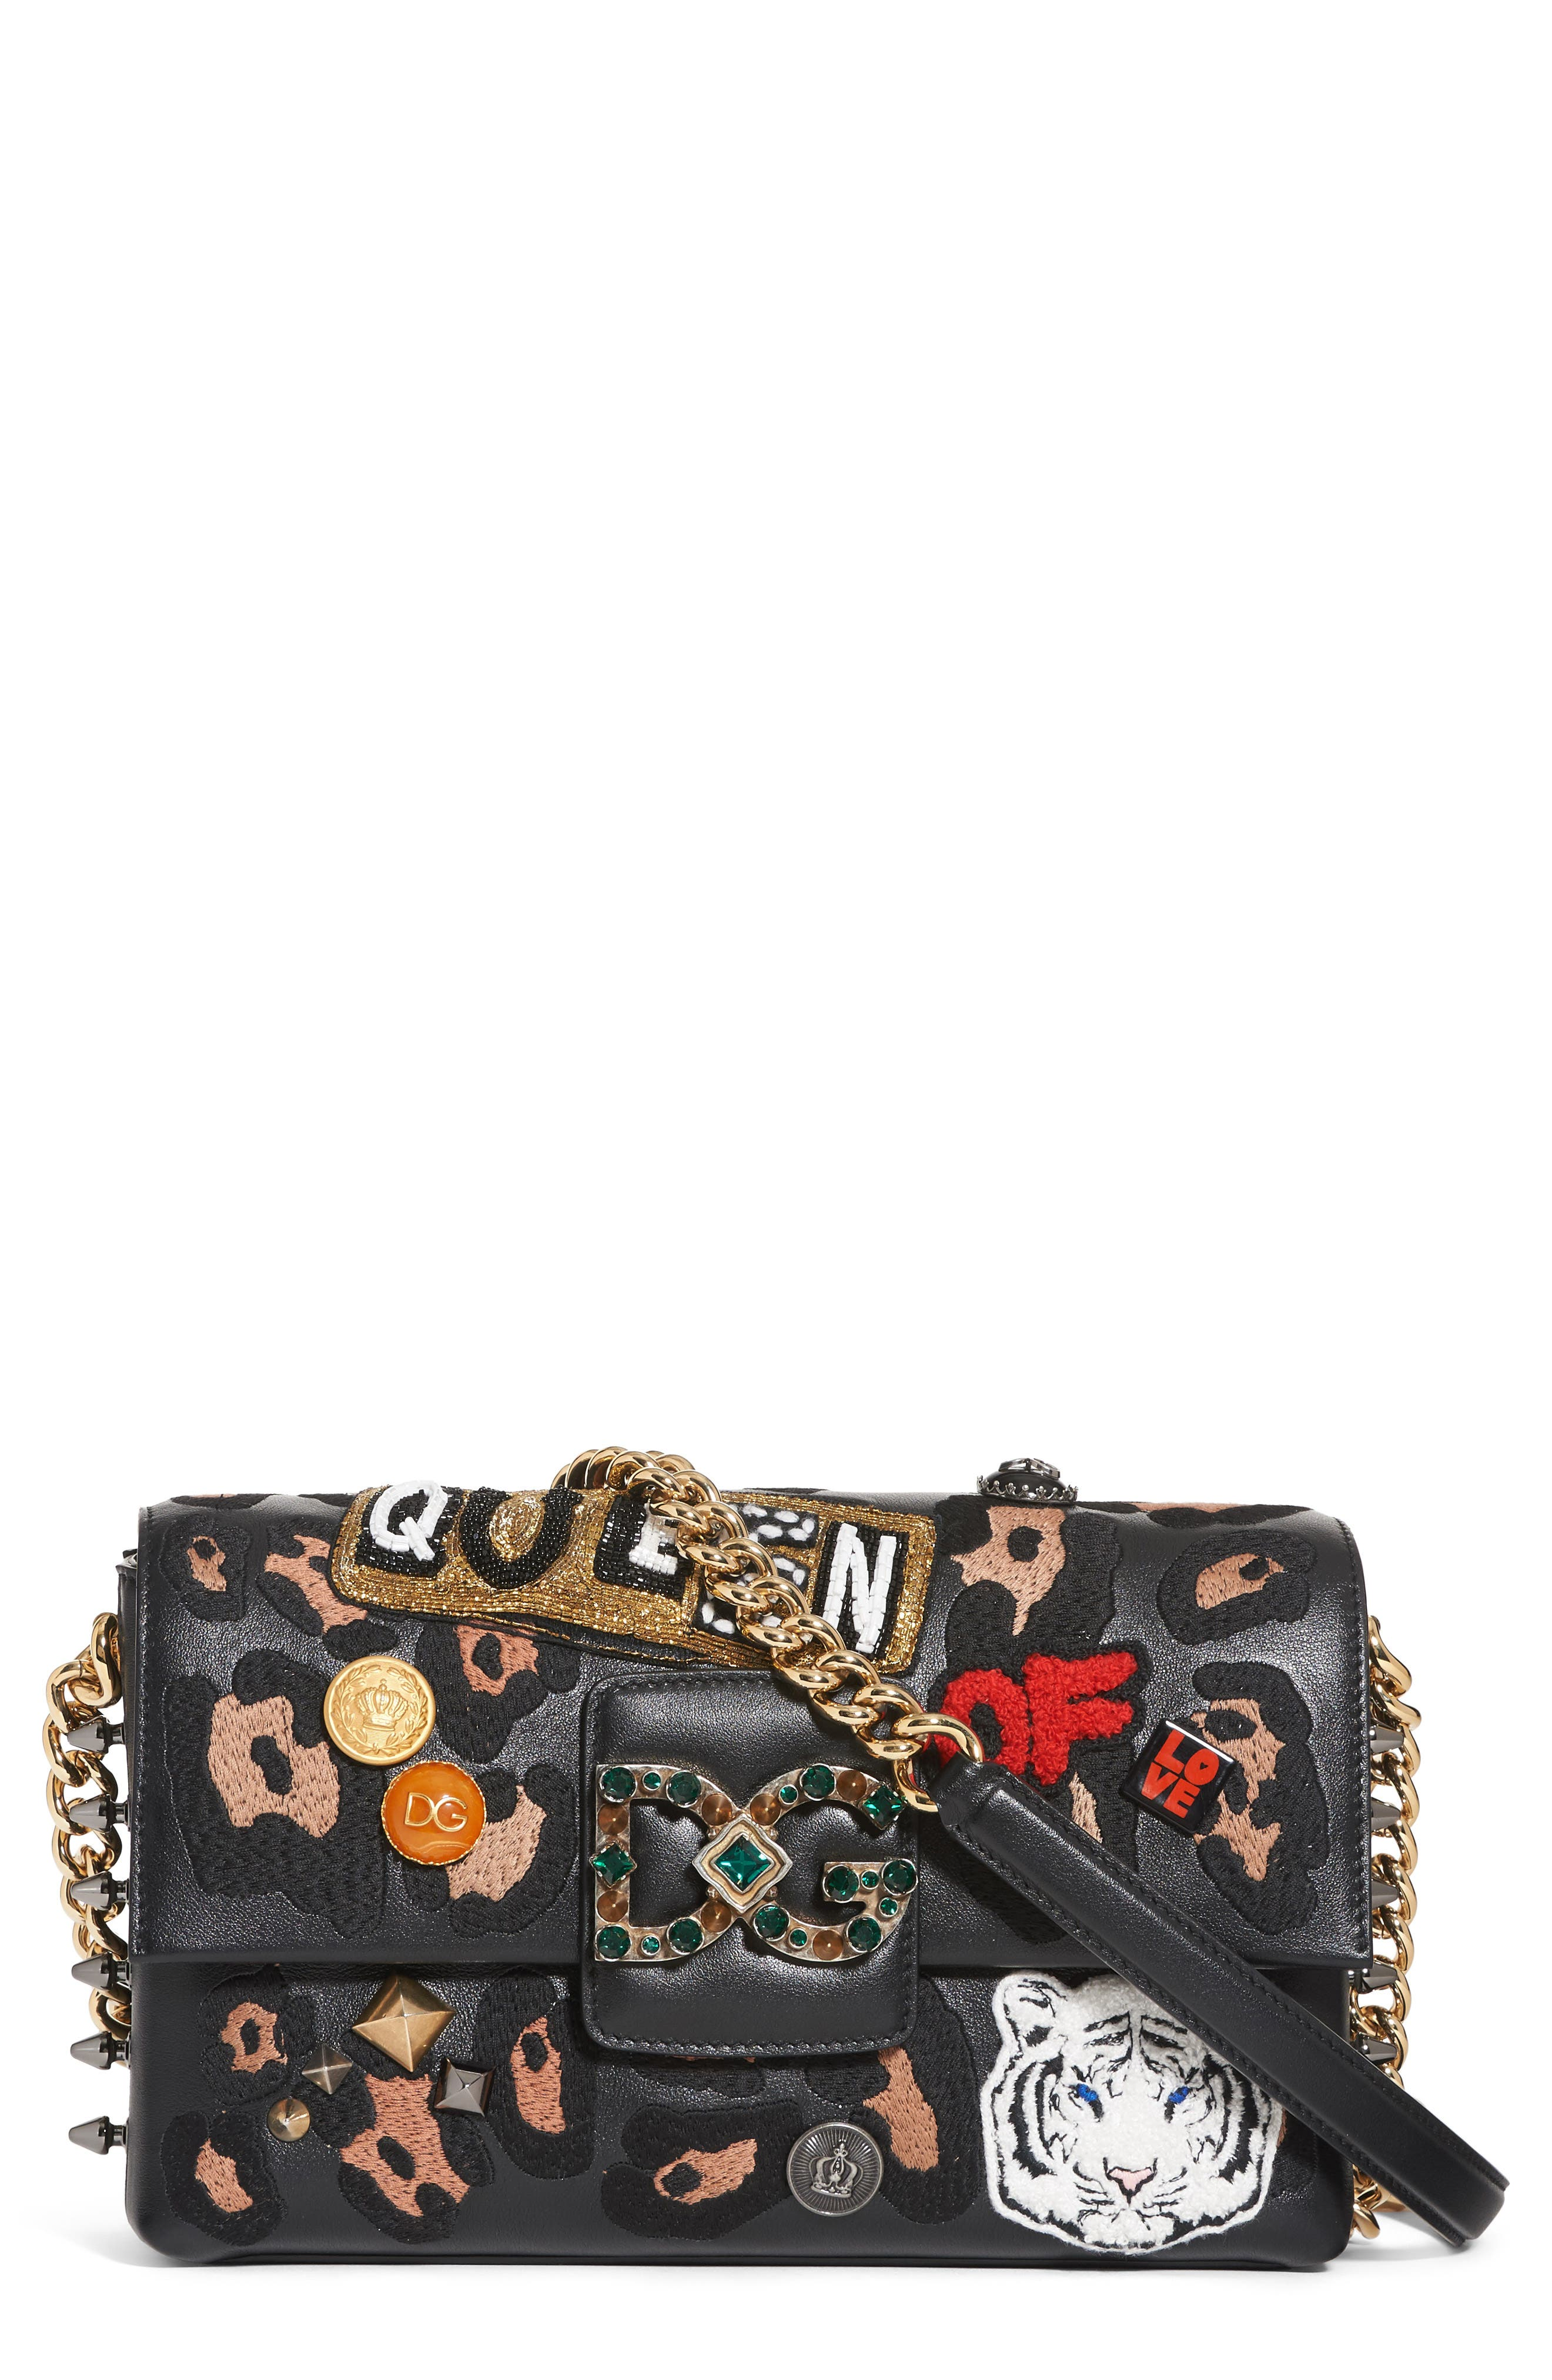 Dolce&Gabbana Millennials Embellished Leather Shoulder Bag